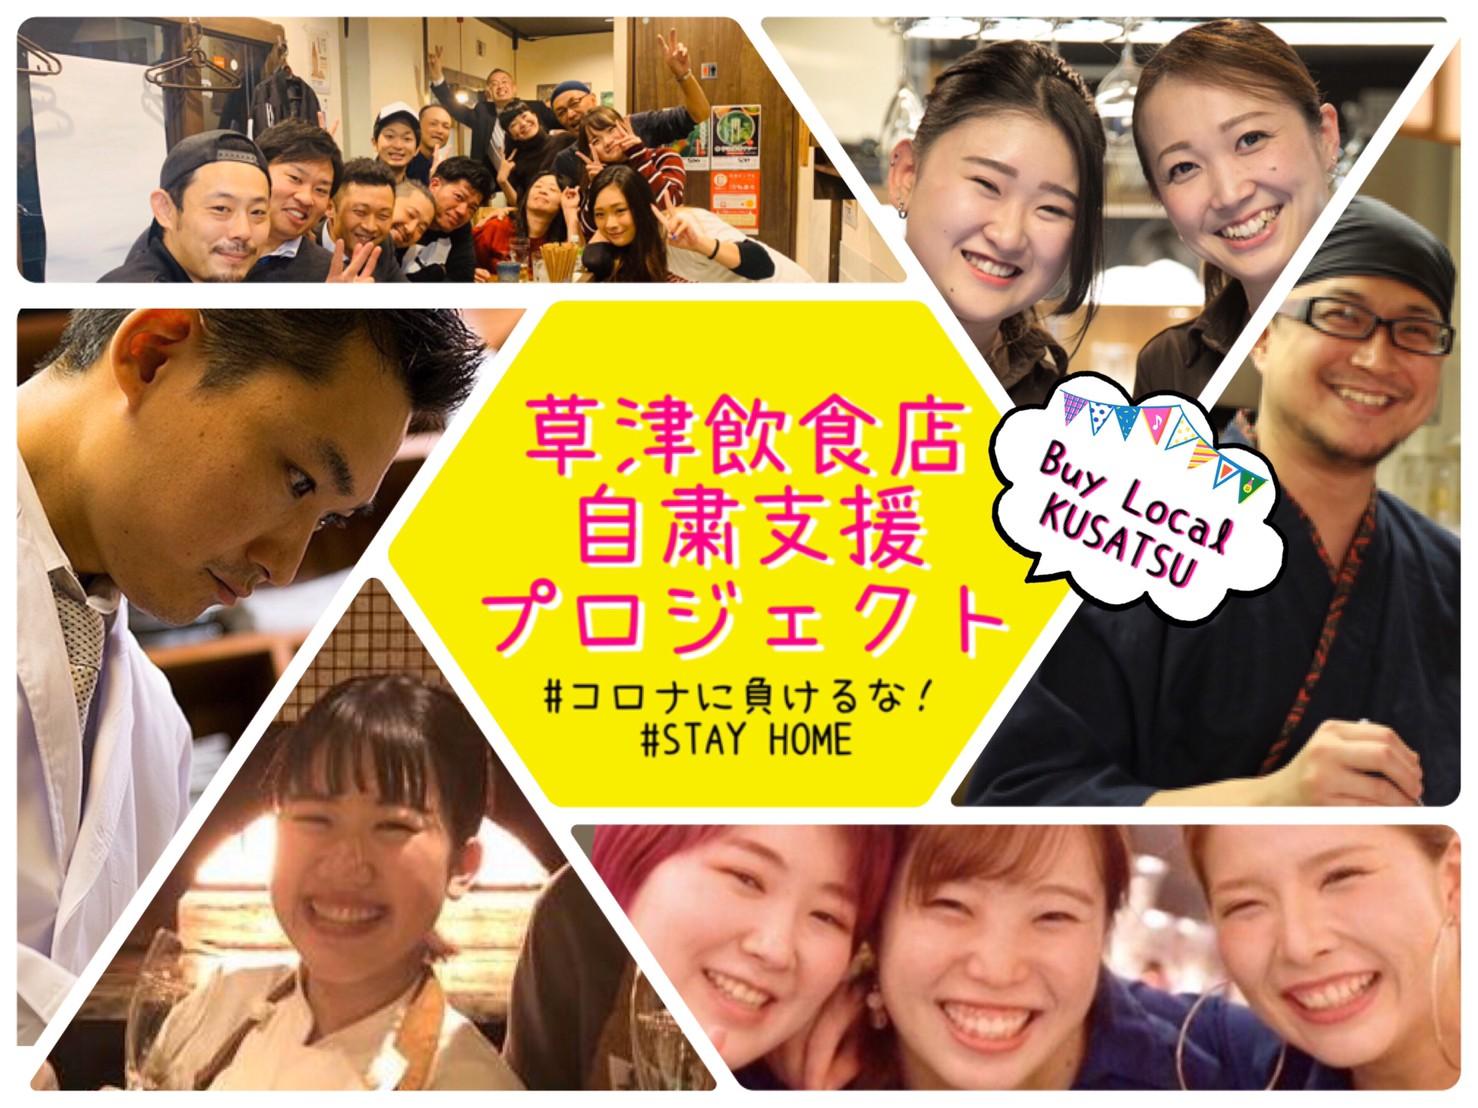 【Buy Local KUSATSU】新型ウイルスで苦境に立つ草津の飲食店を応援!